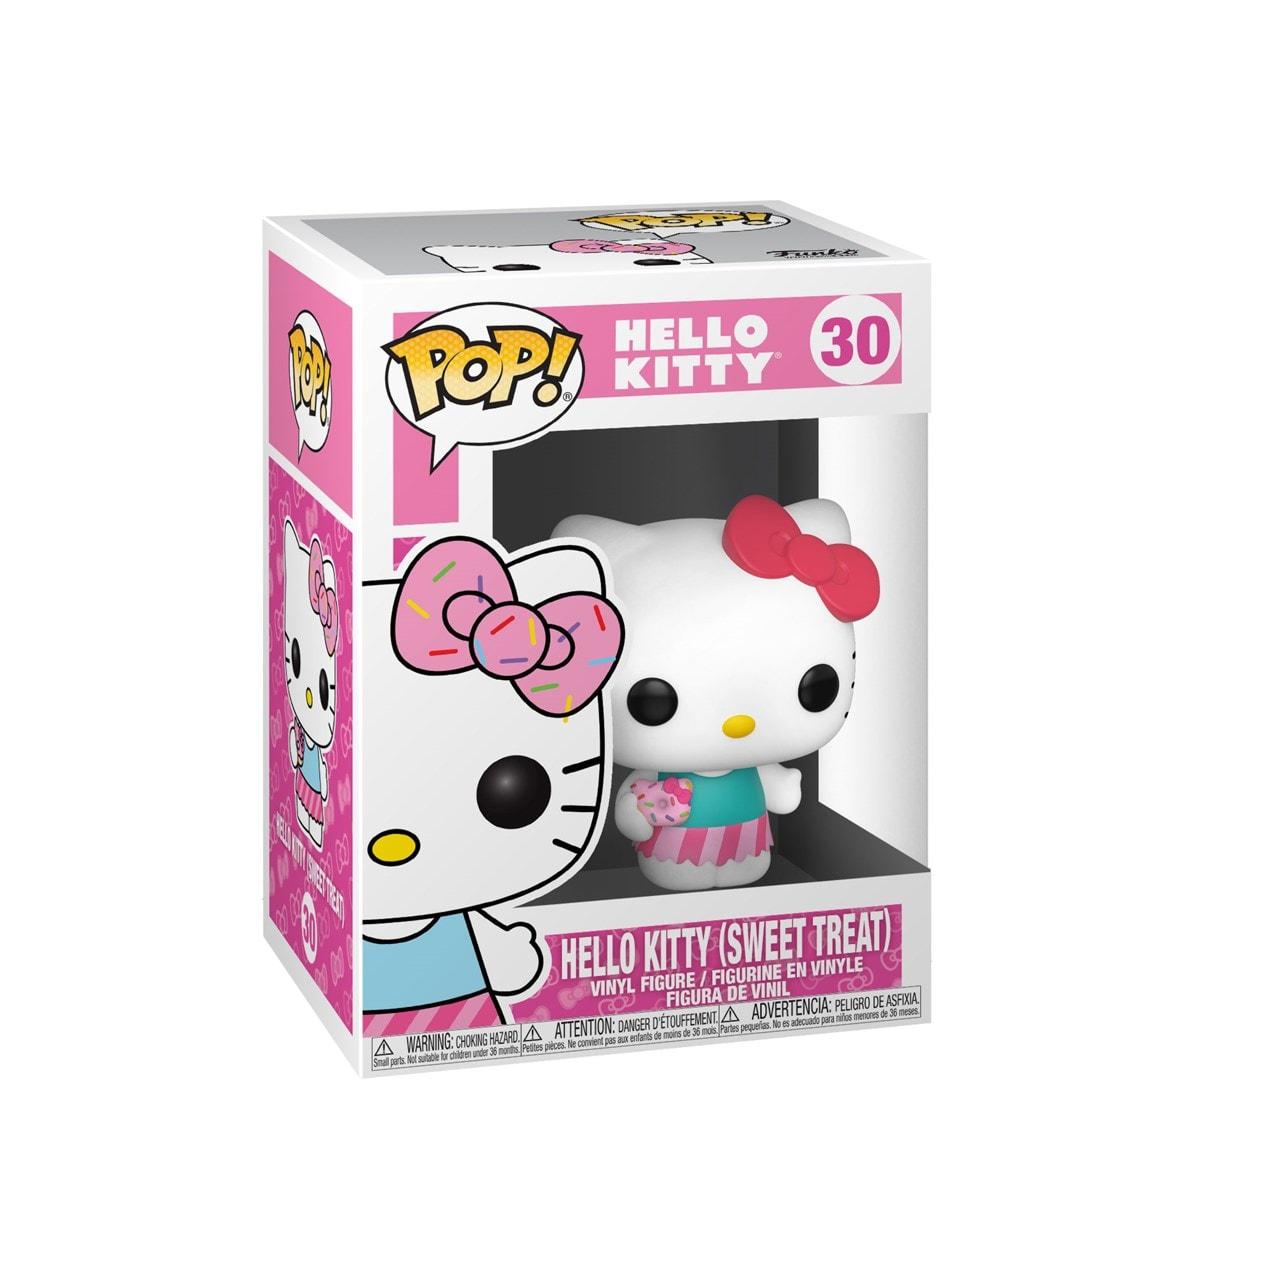 Sweet Treat (30) Hello Kitty Pop Vinyl - 2